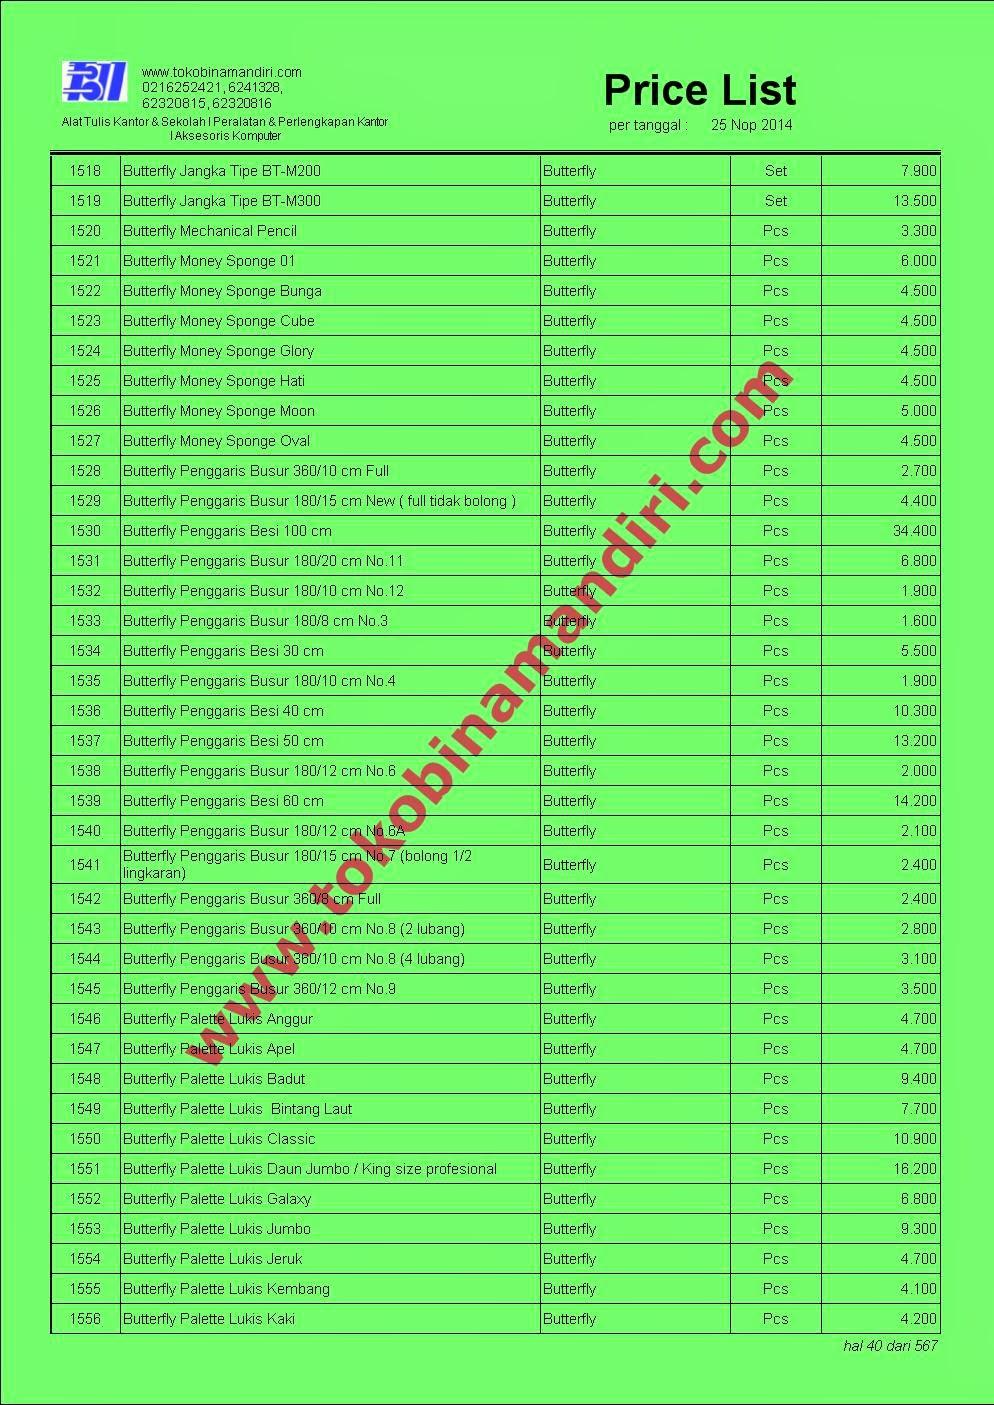 Daftar Harga Alat Tulis ATK040 - Palet Lukis Butterfly